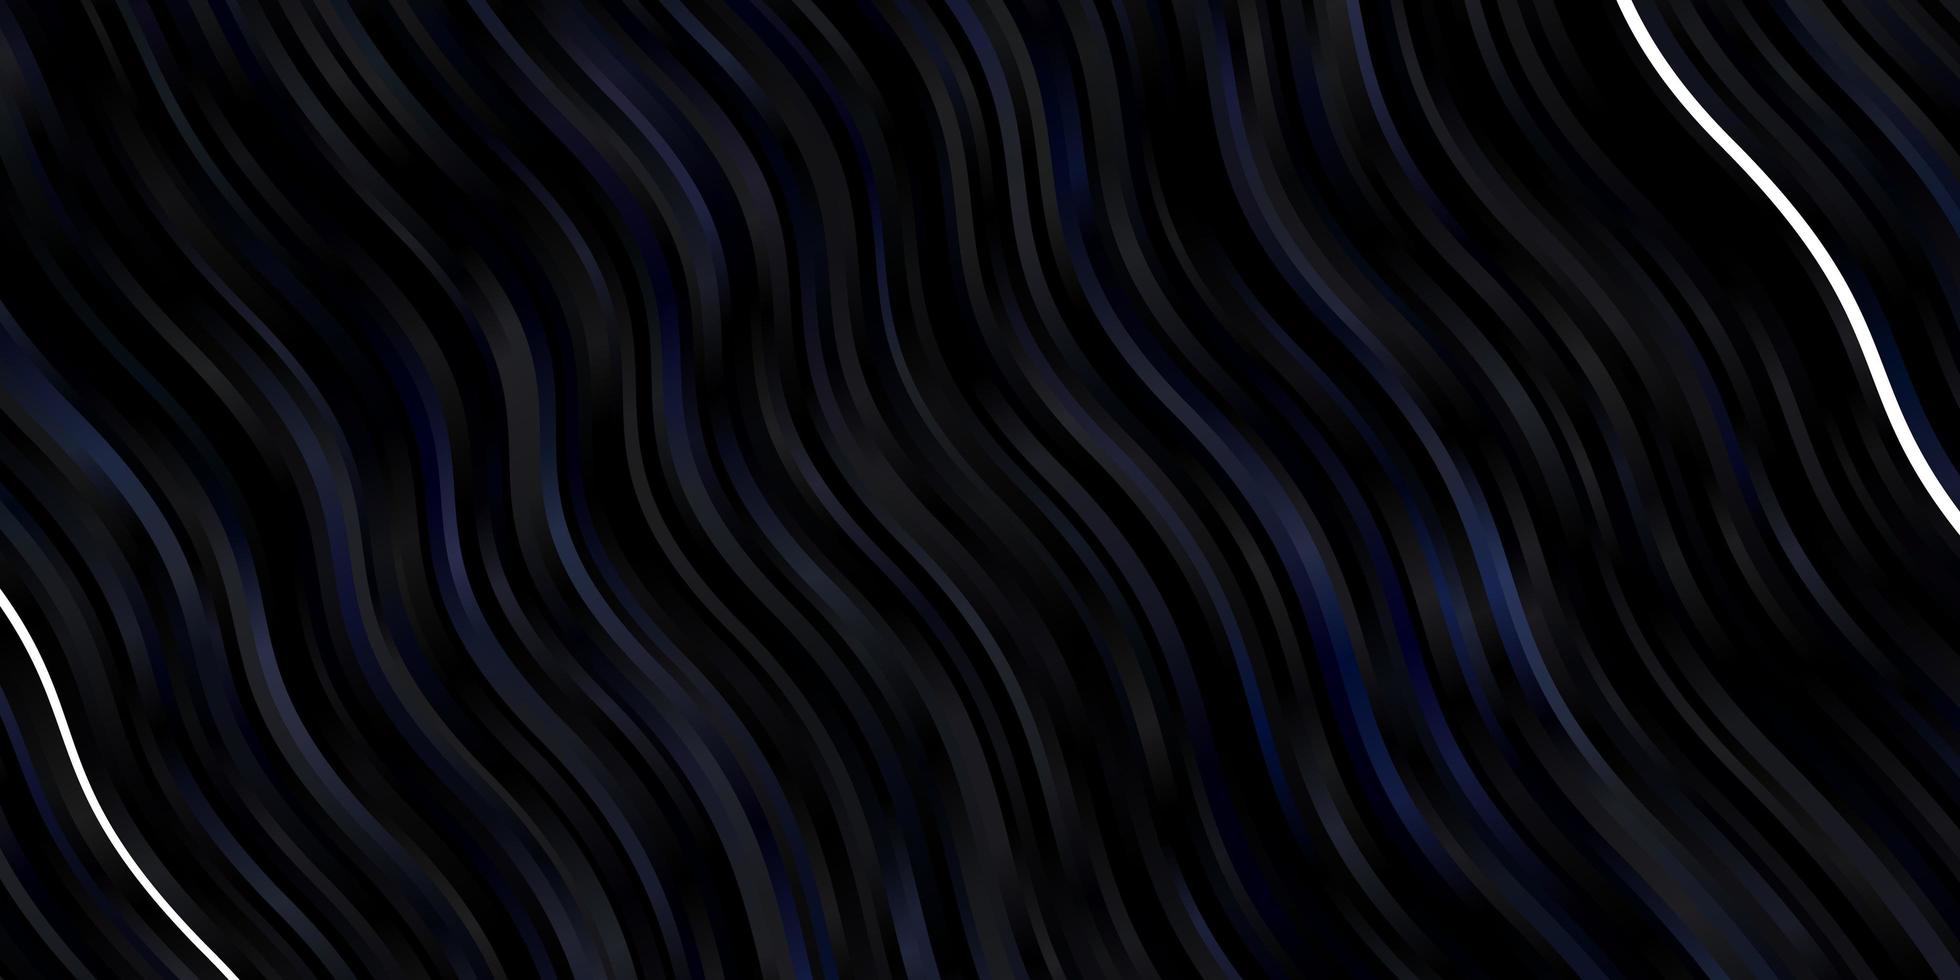 sfondo vettoriale blu scuro con fiocchi.